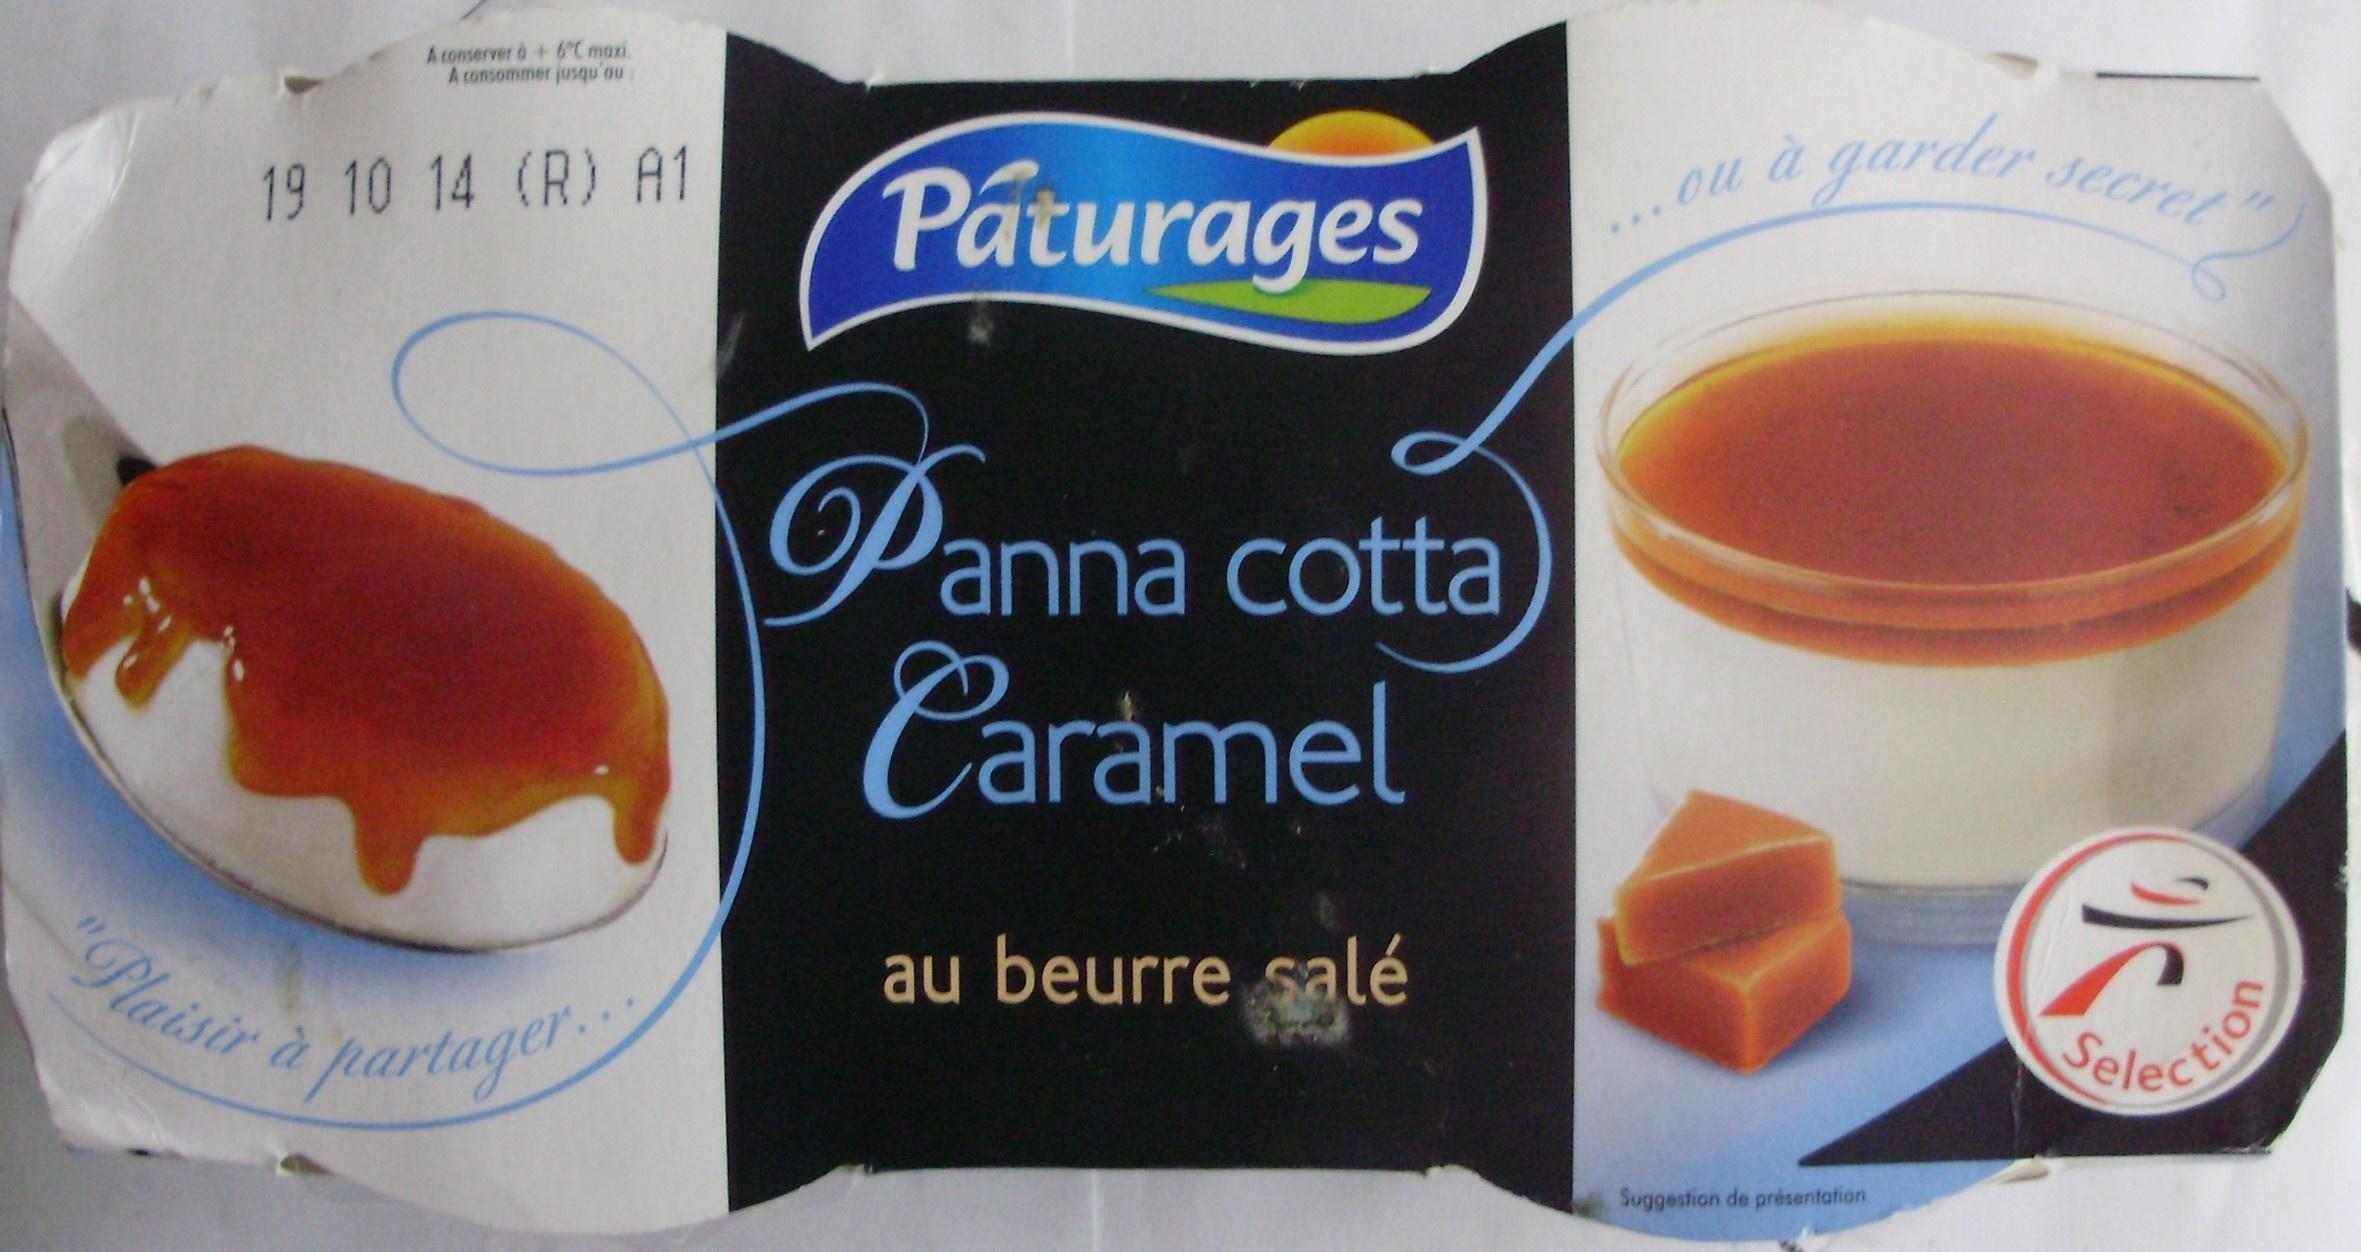 Panna cotta Caramel au beurre salé (2 pots) - Produit